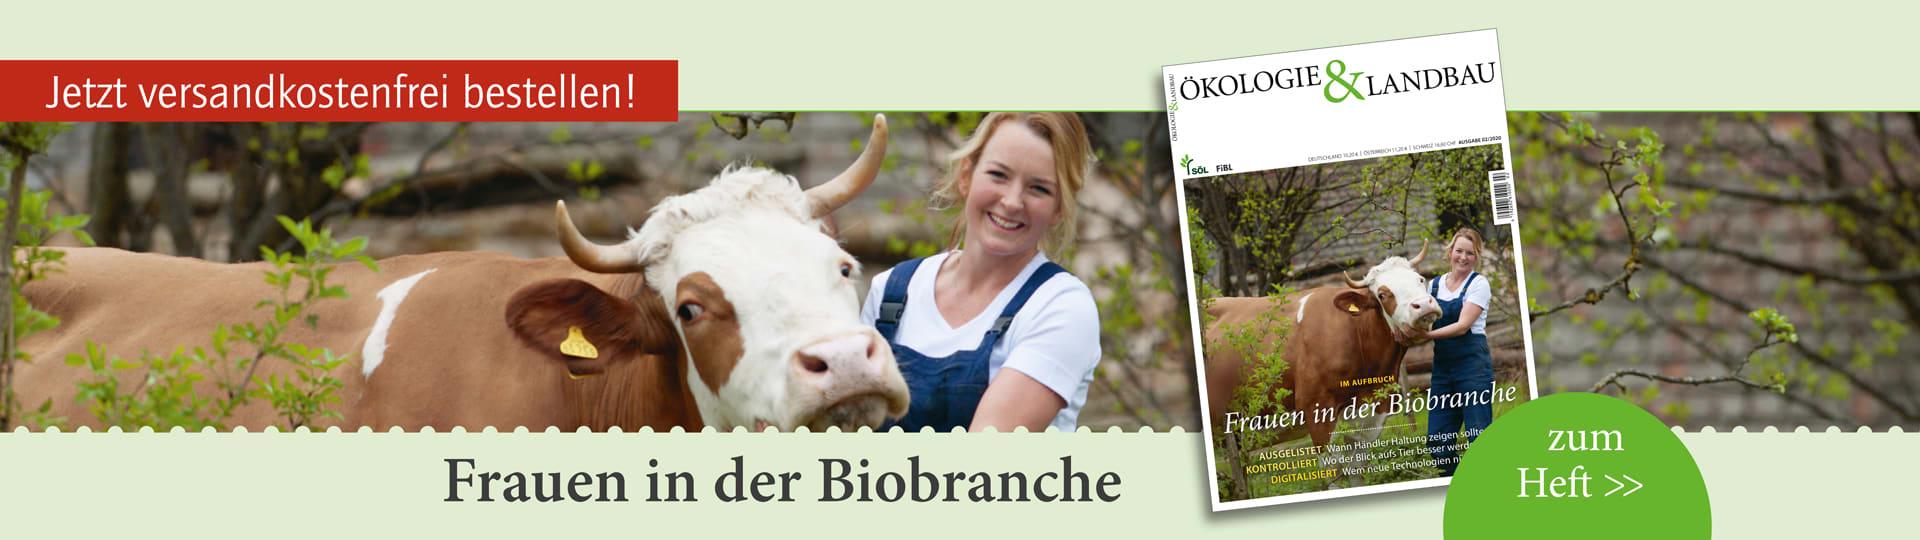 Aktuelle Ausgabe der Zeitschrift Ökologie & Landbau zum Thema »Frauen in der Biobranche«